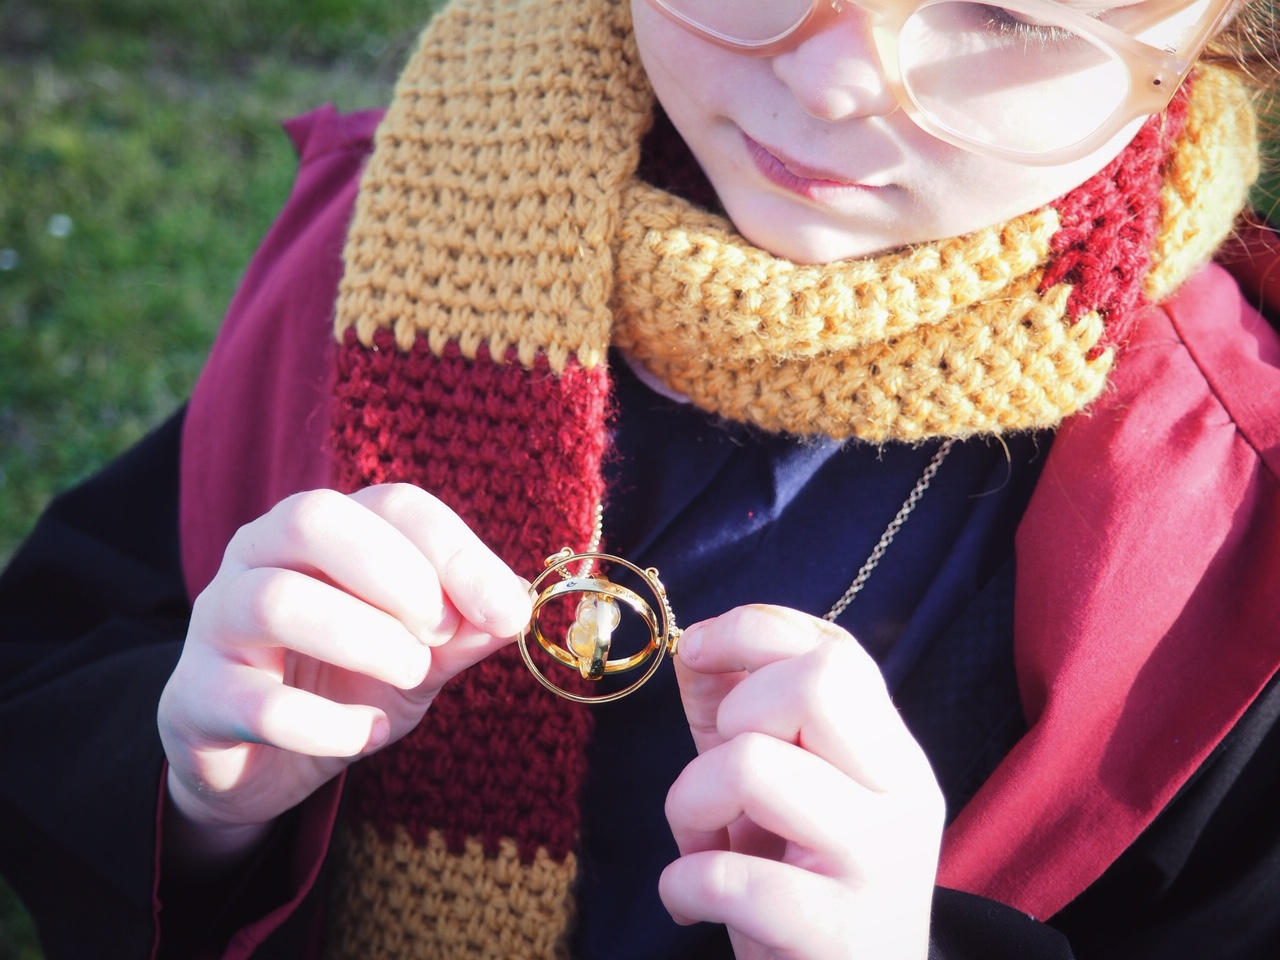 officiel de vente chaude boutique pour officiel achats Rentrée à Poudlard: l'écharpe de Gryffondor au crochet ...